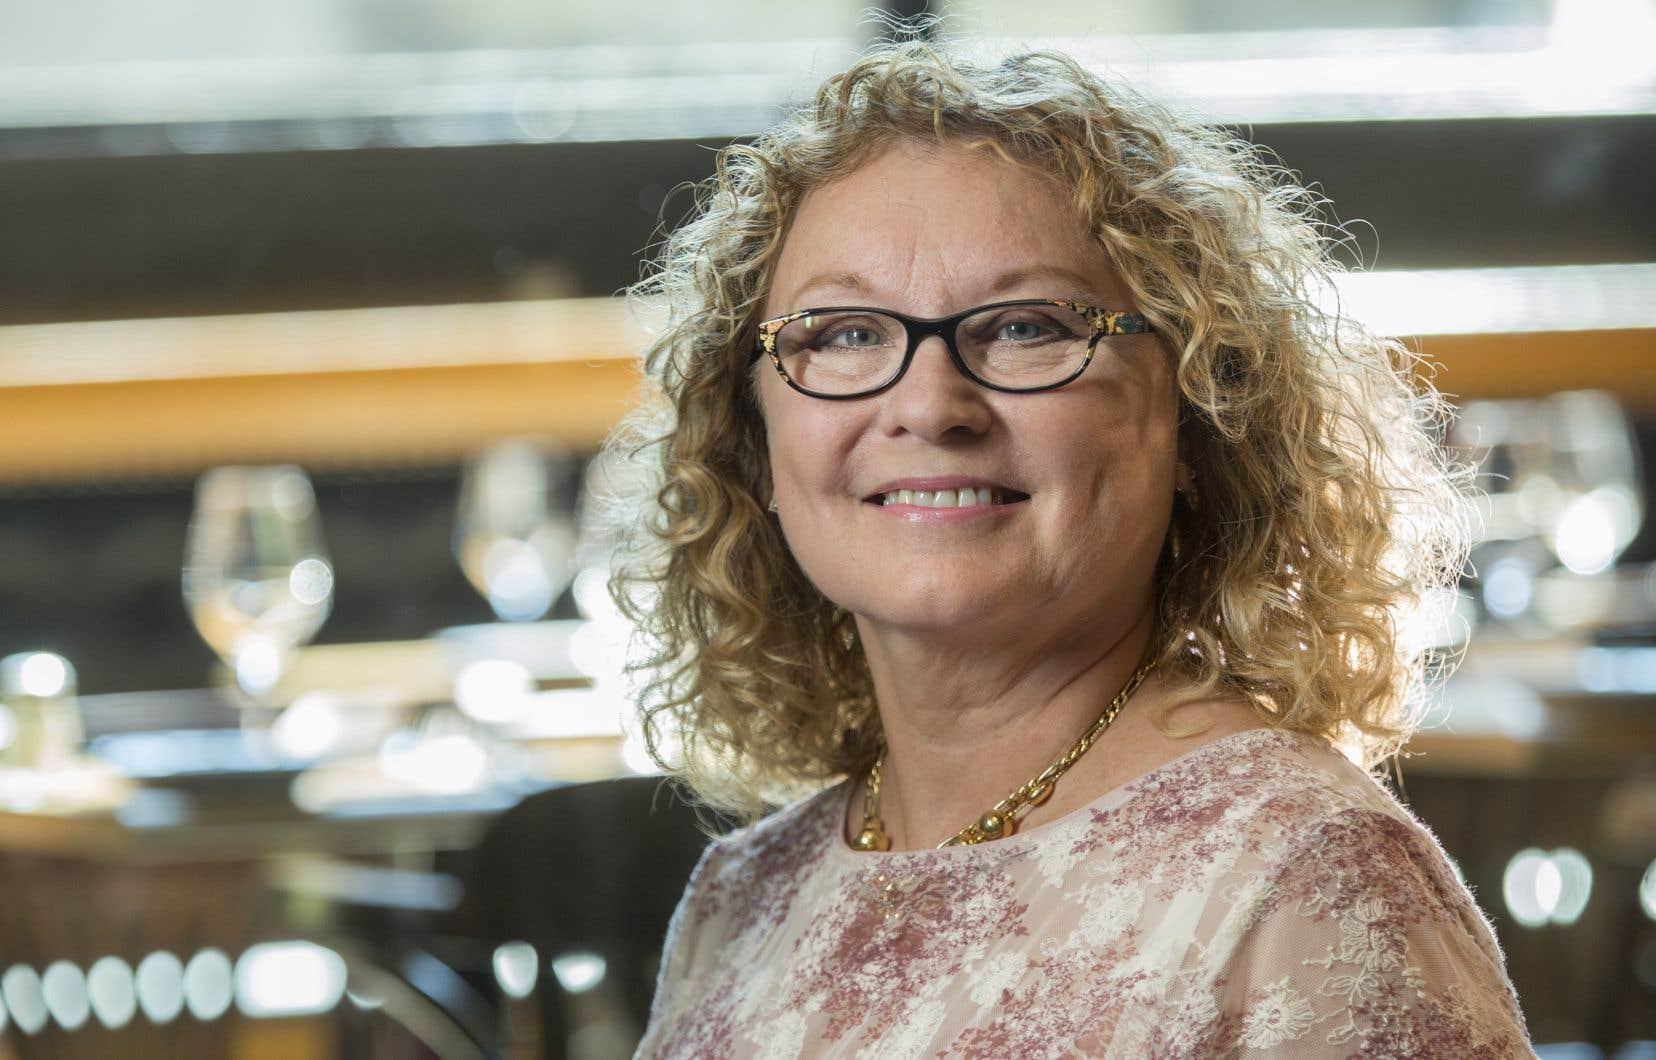 Marguerite Blaisbriguera les suffrages dans Prévost, une circonscription des Laurentides jugée «prenable» par la CAQ.